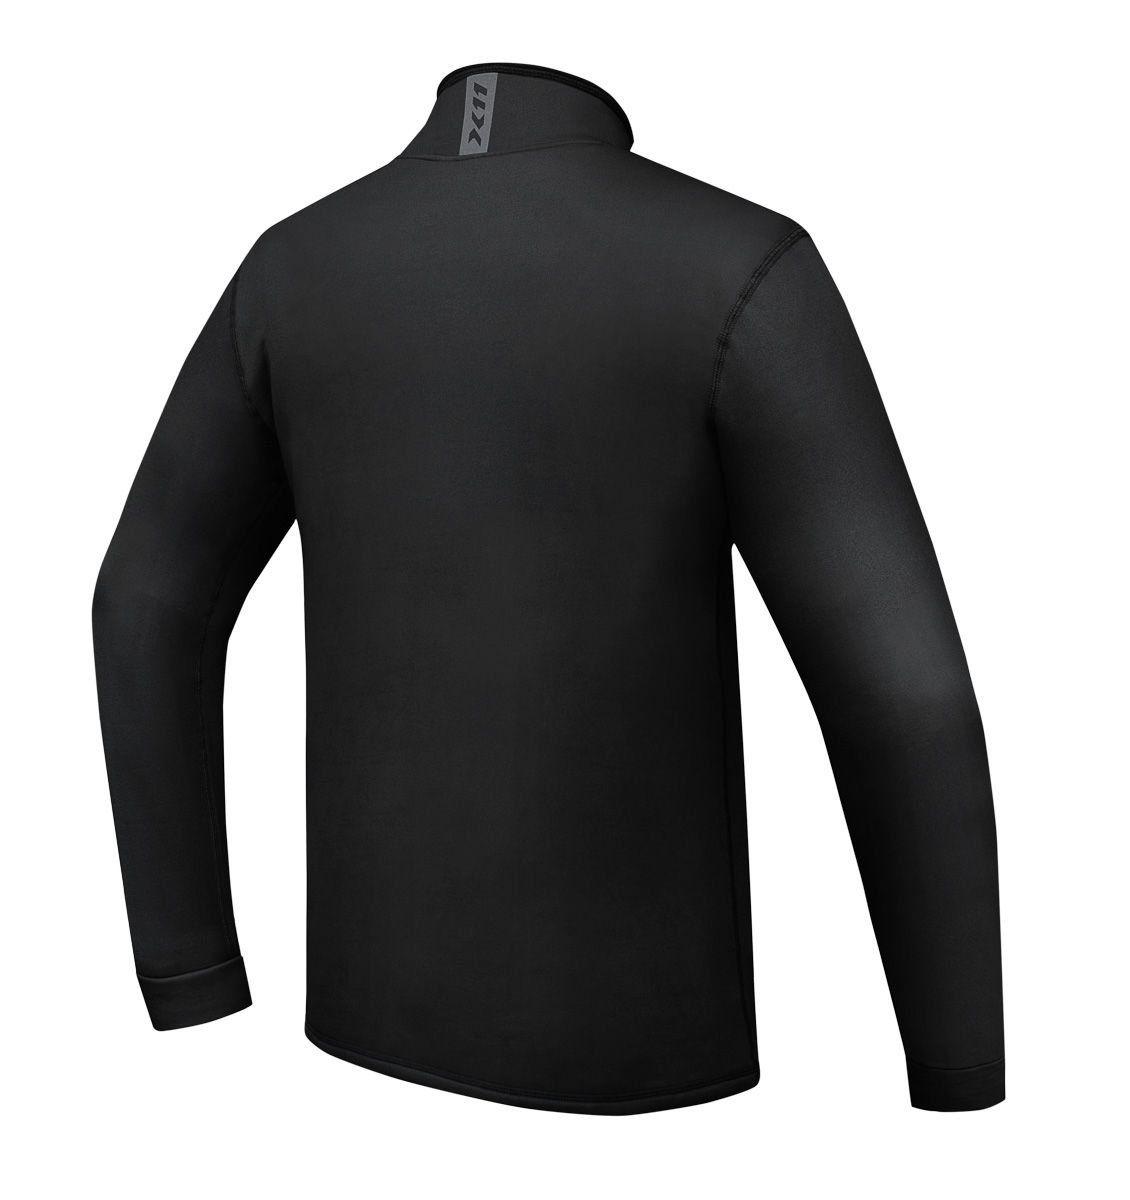 Camiseta Climate 3 X11 Preta Segunda Pele Térmica Motoqueiro Motociclista Ciclista Treino Corrida